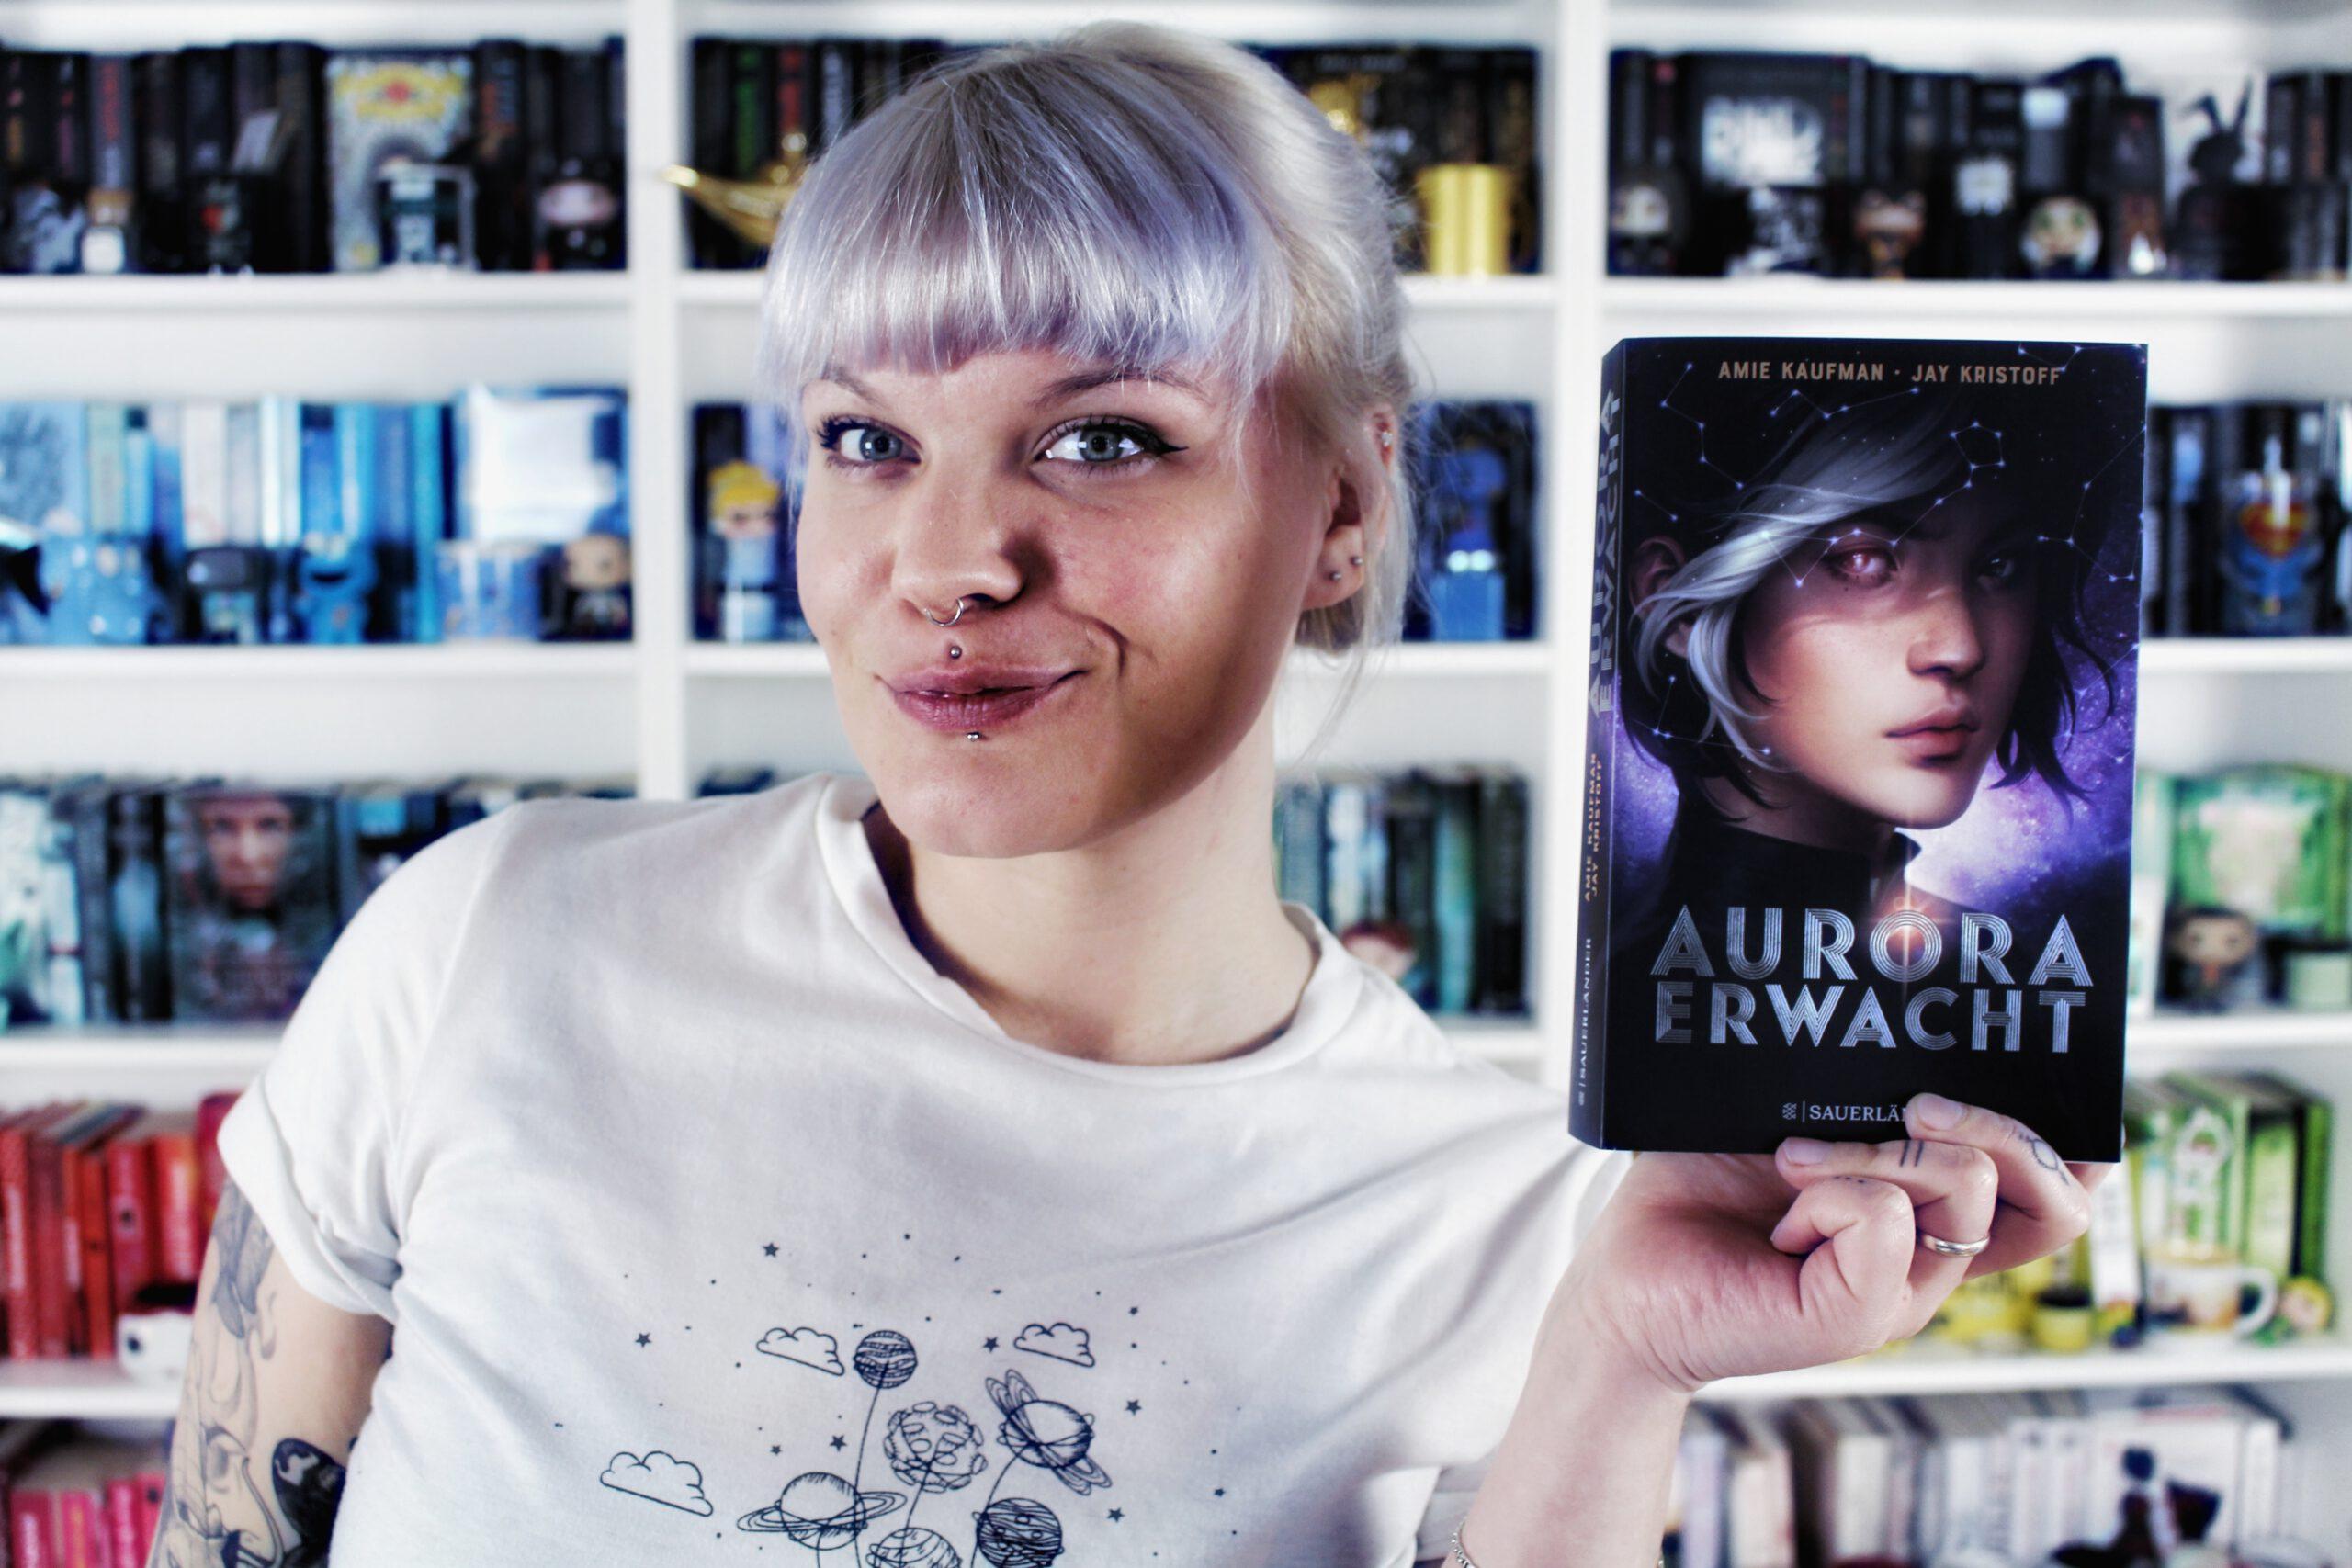 Rezension | Aurora erwacht – 5 Gründe zum Buch zu greifen